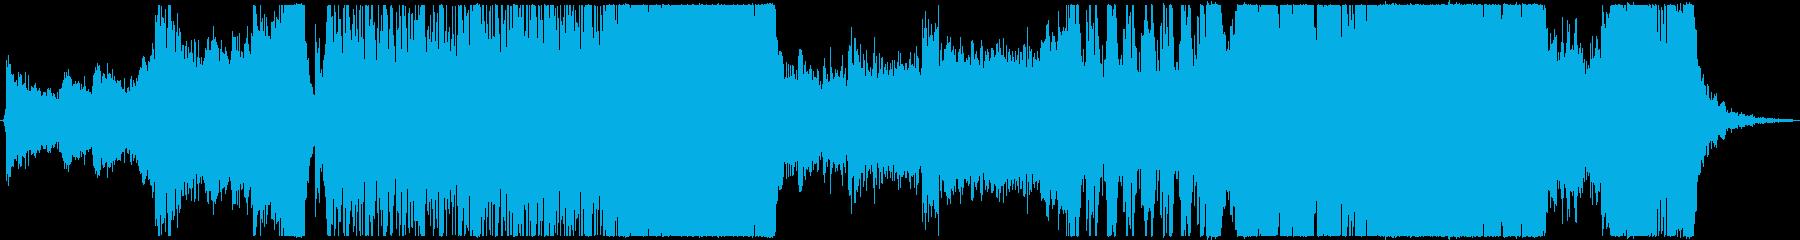 ダークファンタジーなハリウッド予告編の再生済みの波形